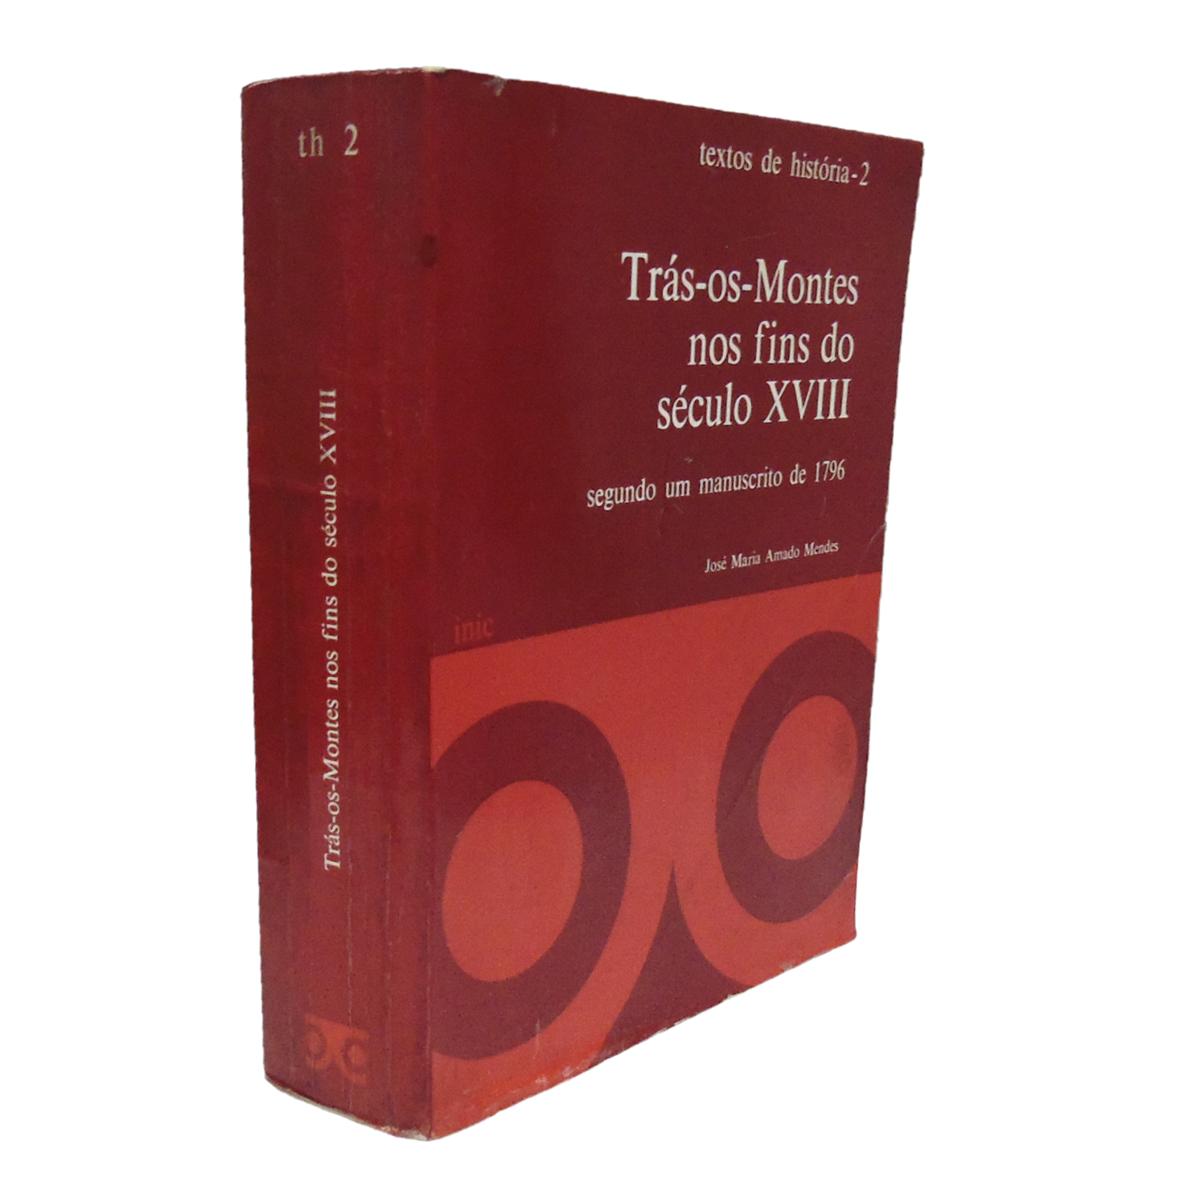 TRÁS-OS-MONTES NOS  FINS DO SÉCULO XVIII